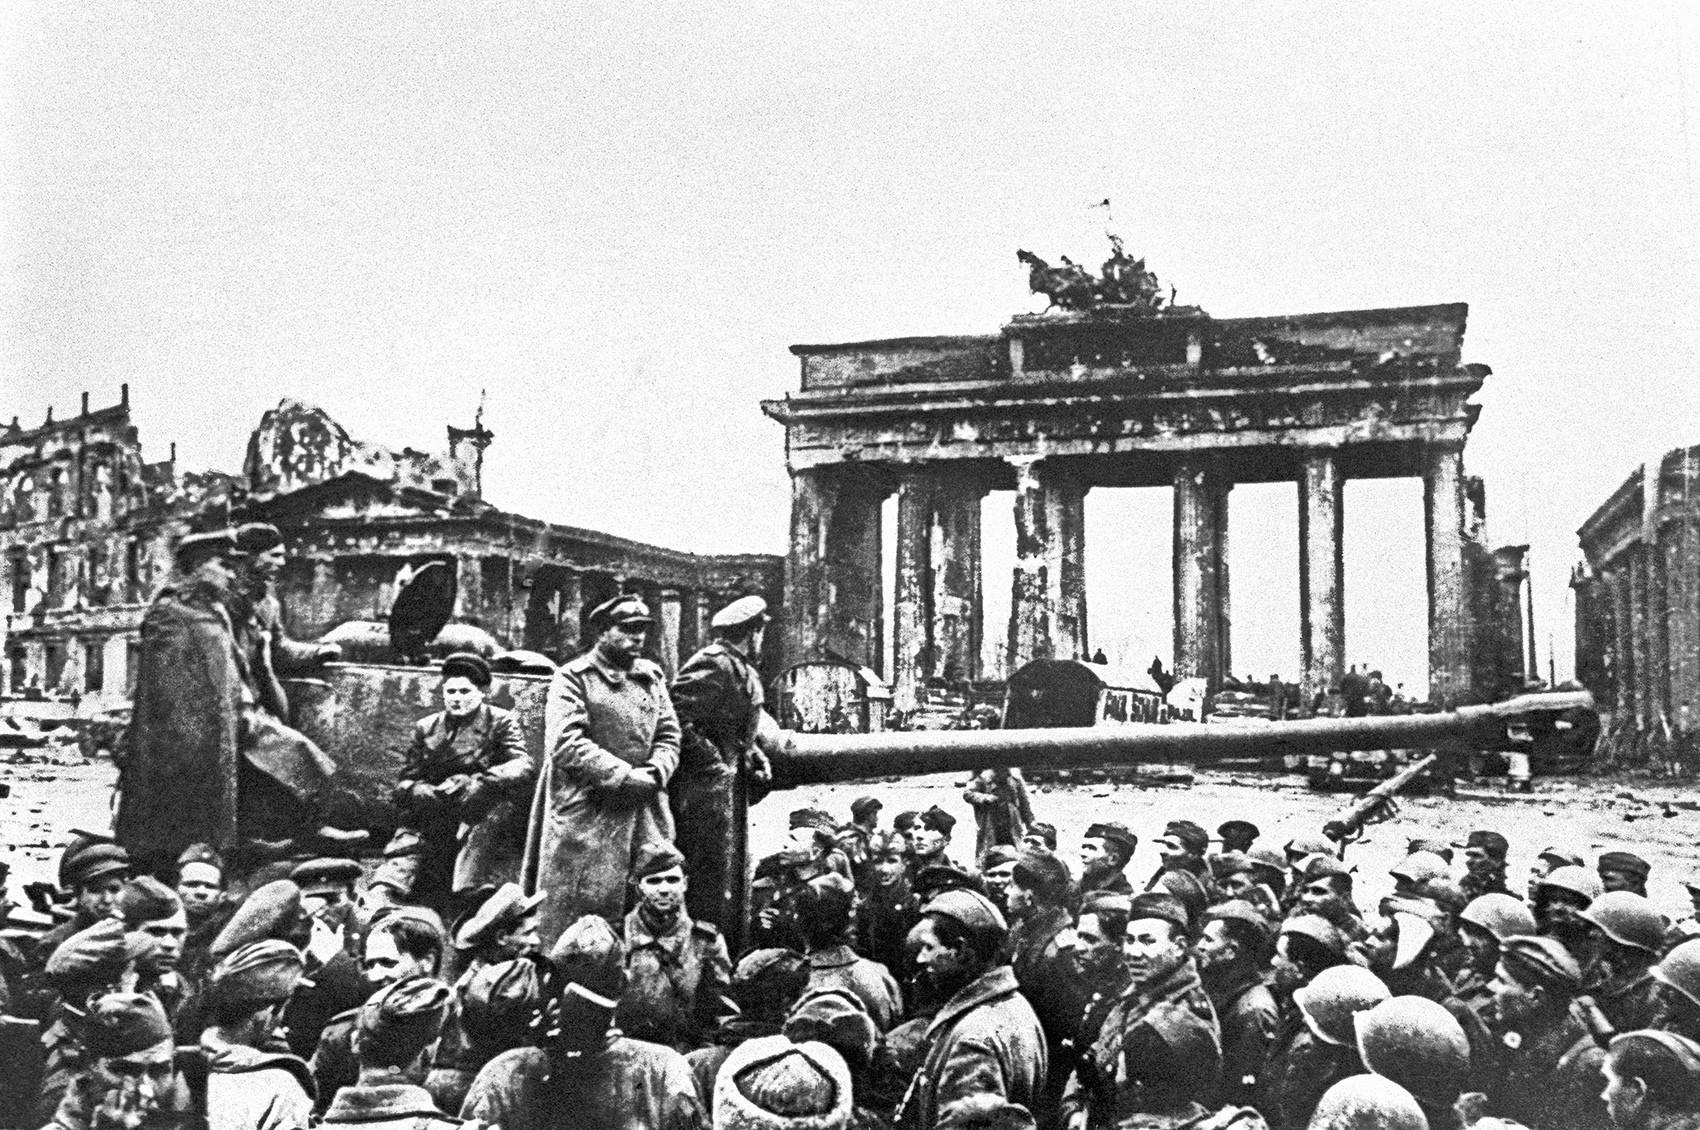 Foto rara das tropas soviéticas em Berlim, em maio de 1945